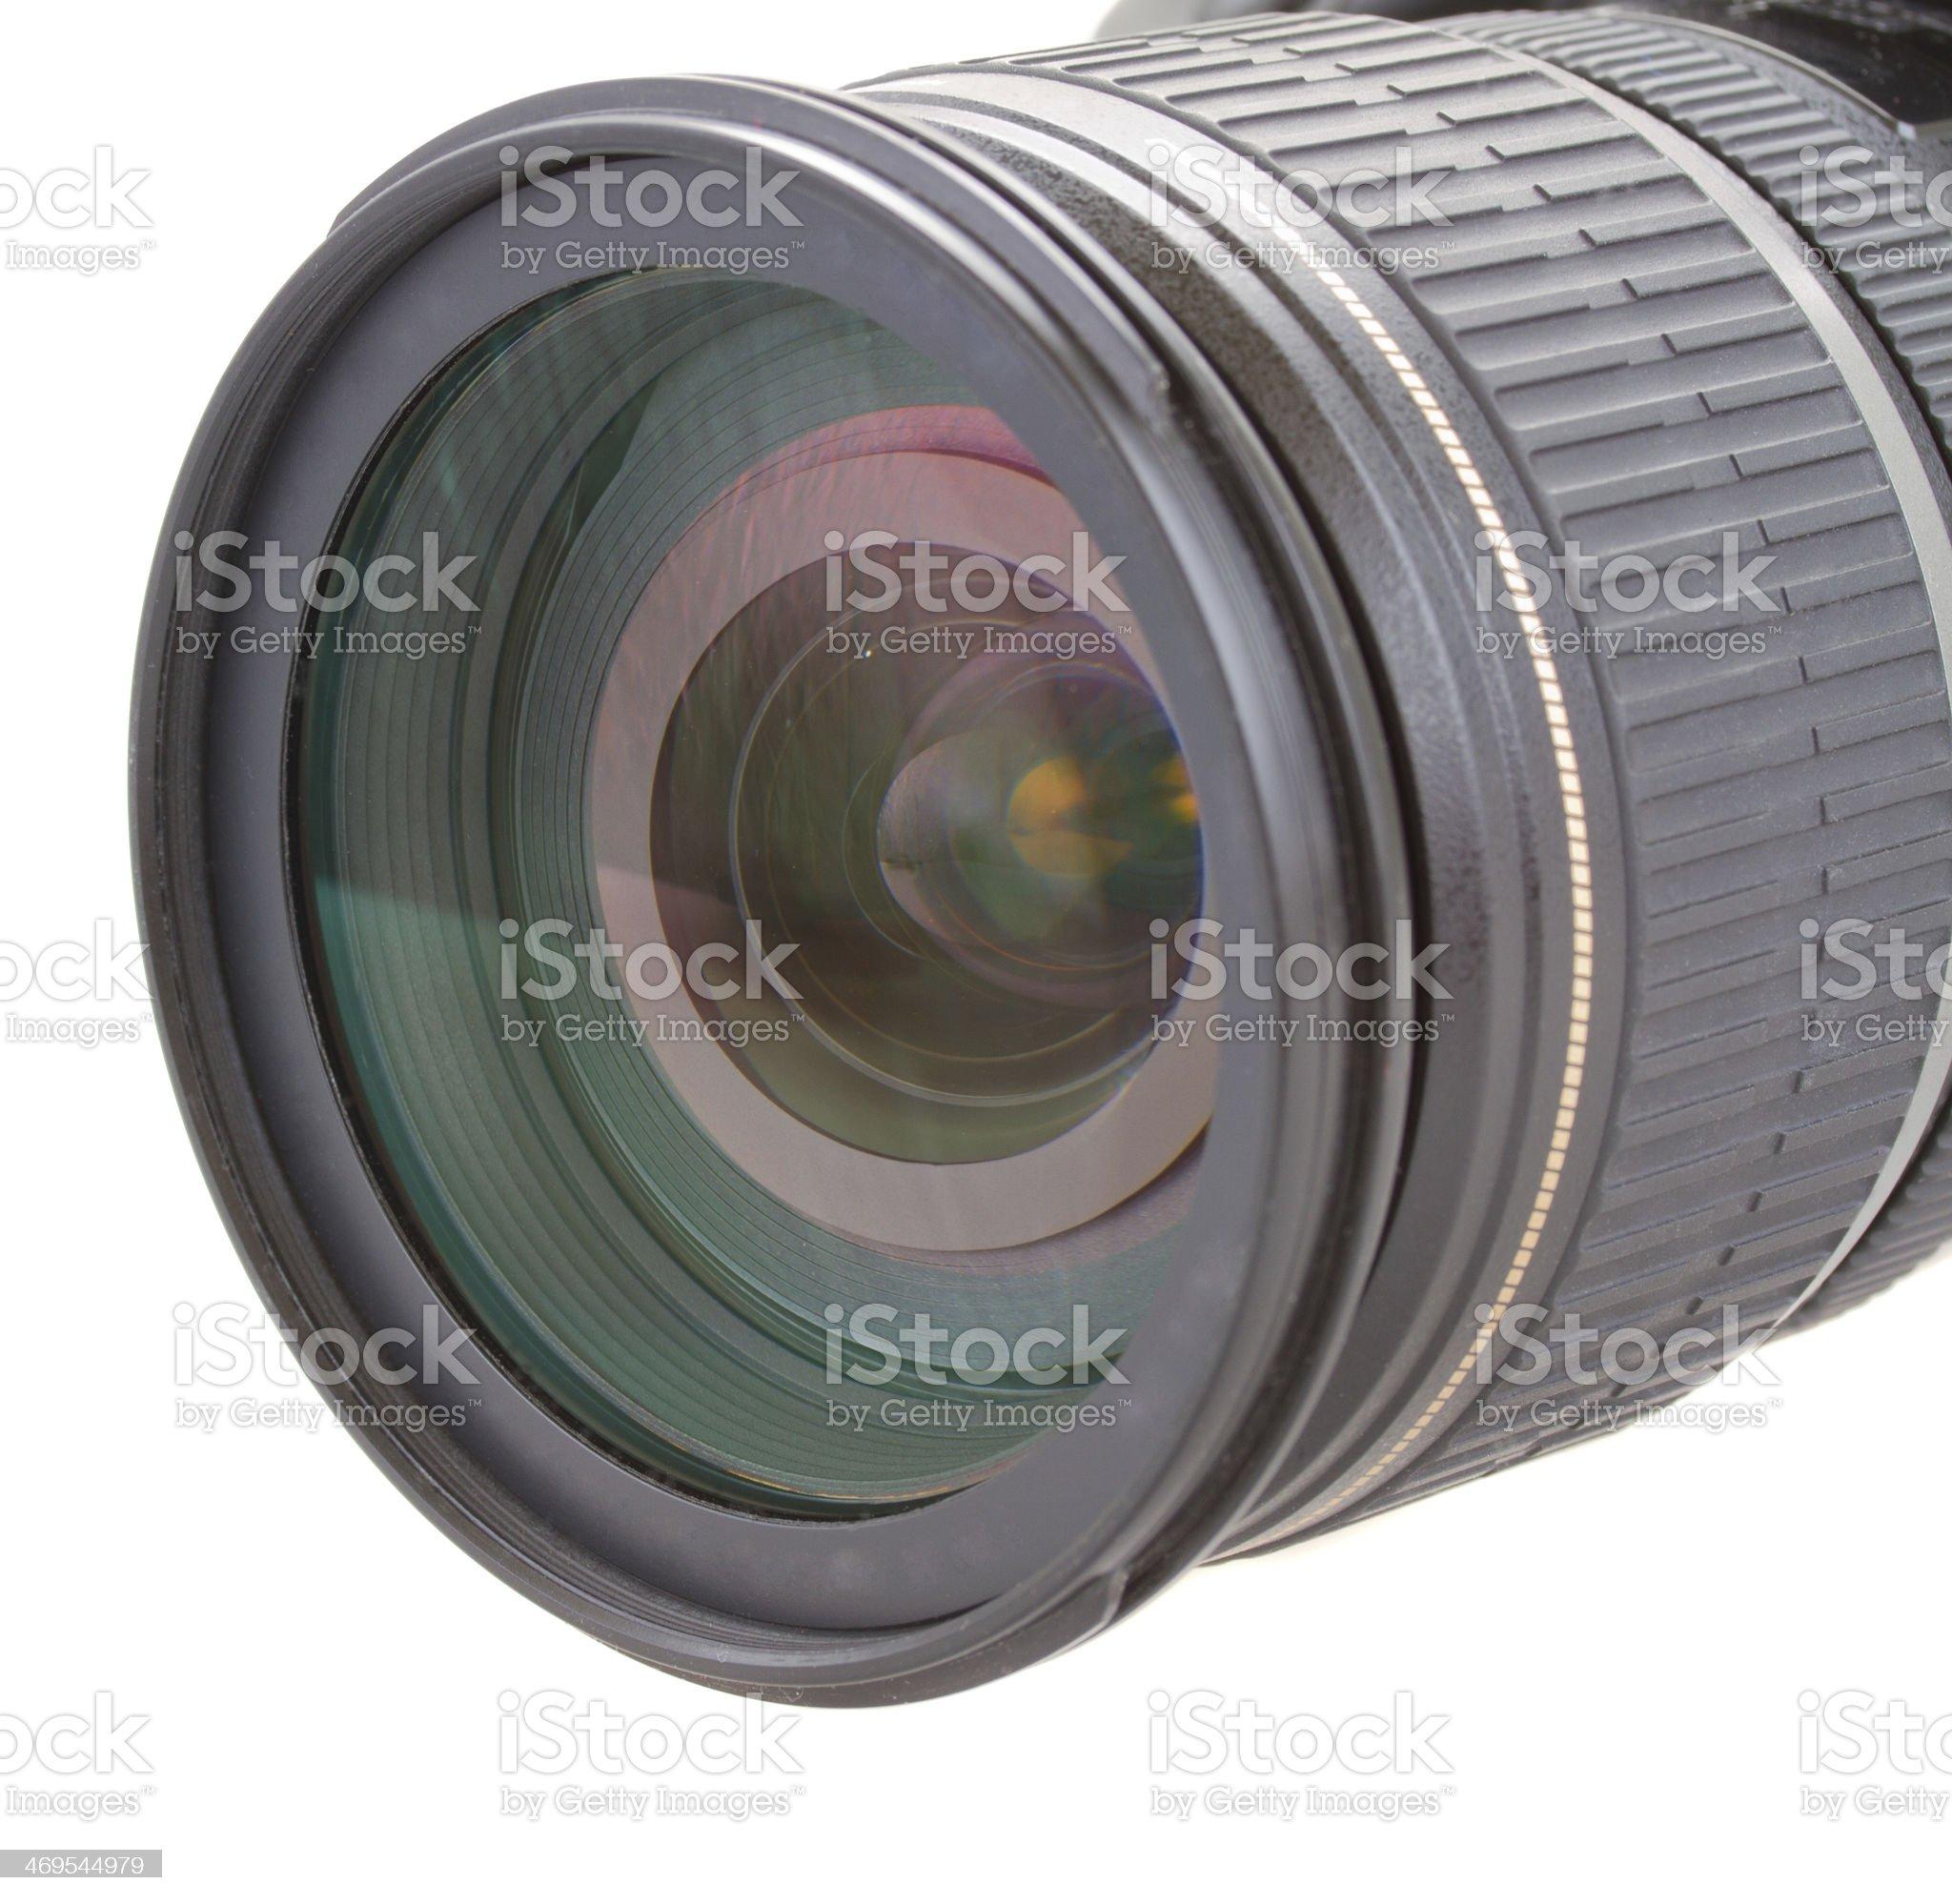 camera photo lens royalty-free stock photo